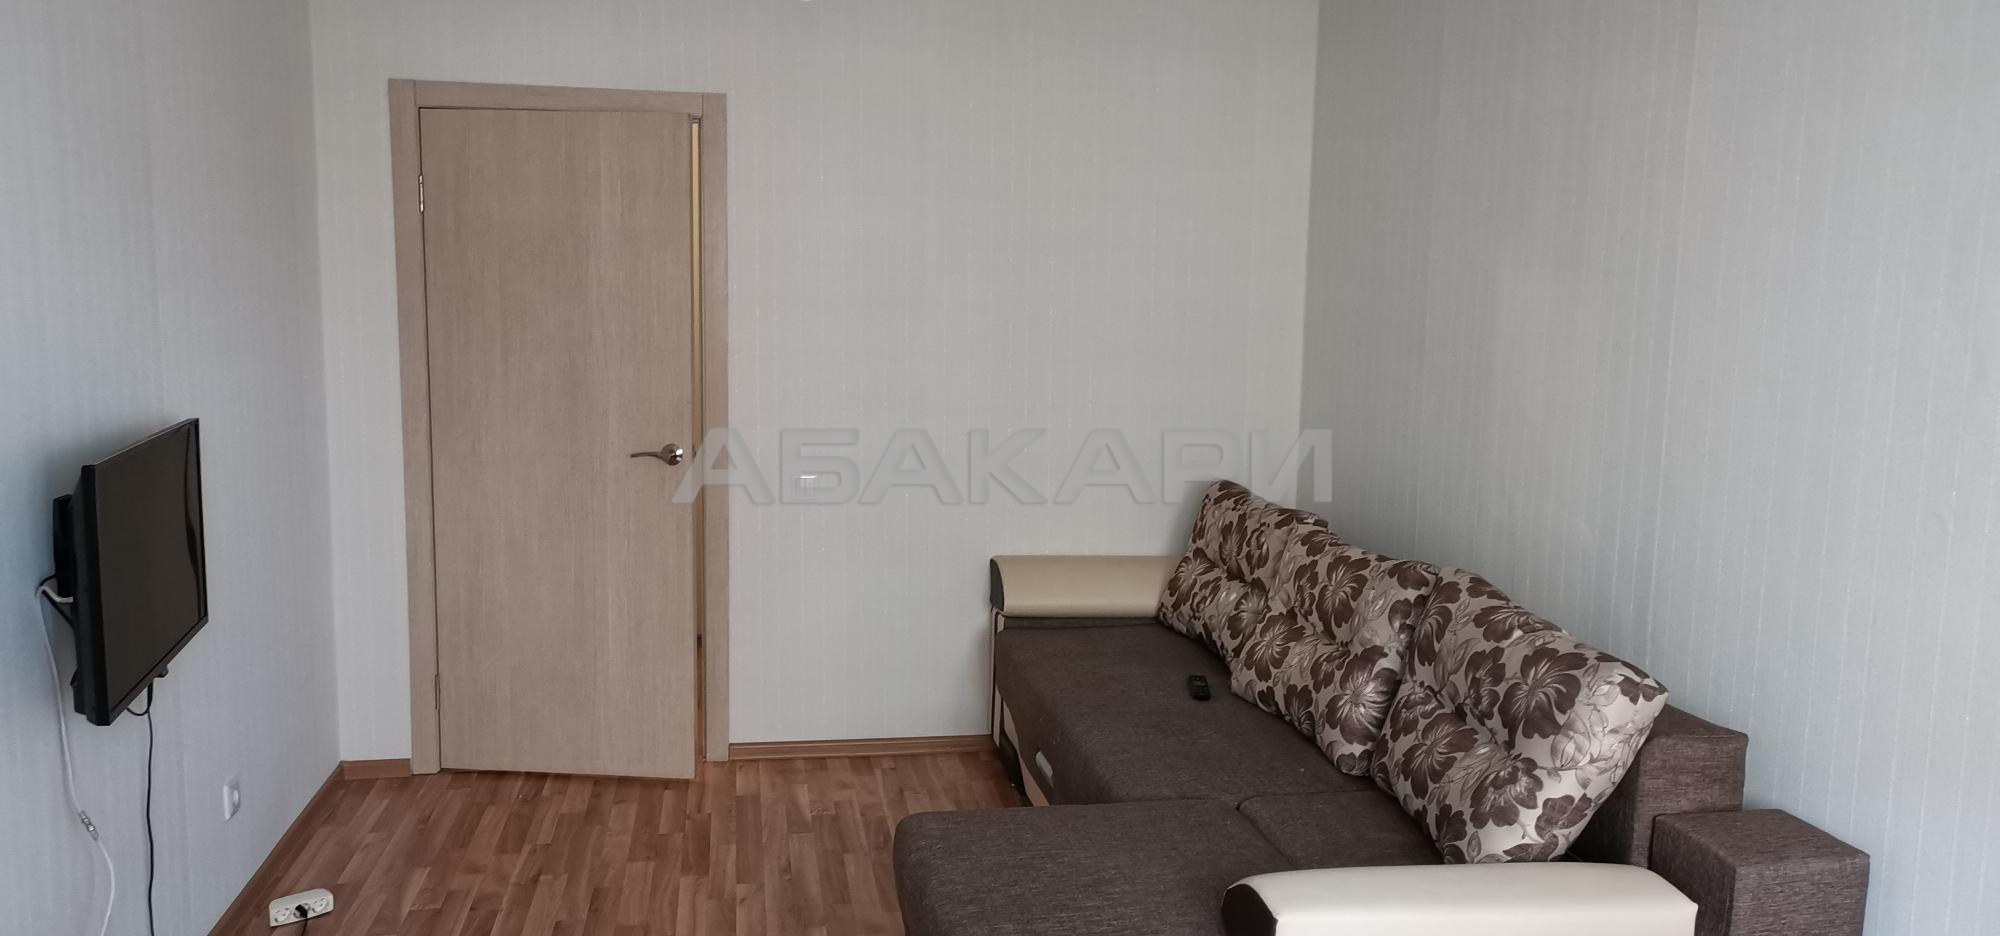 1к квартира улица Норильская, 16И | 14000 | аренда в Красноярске фото 1